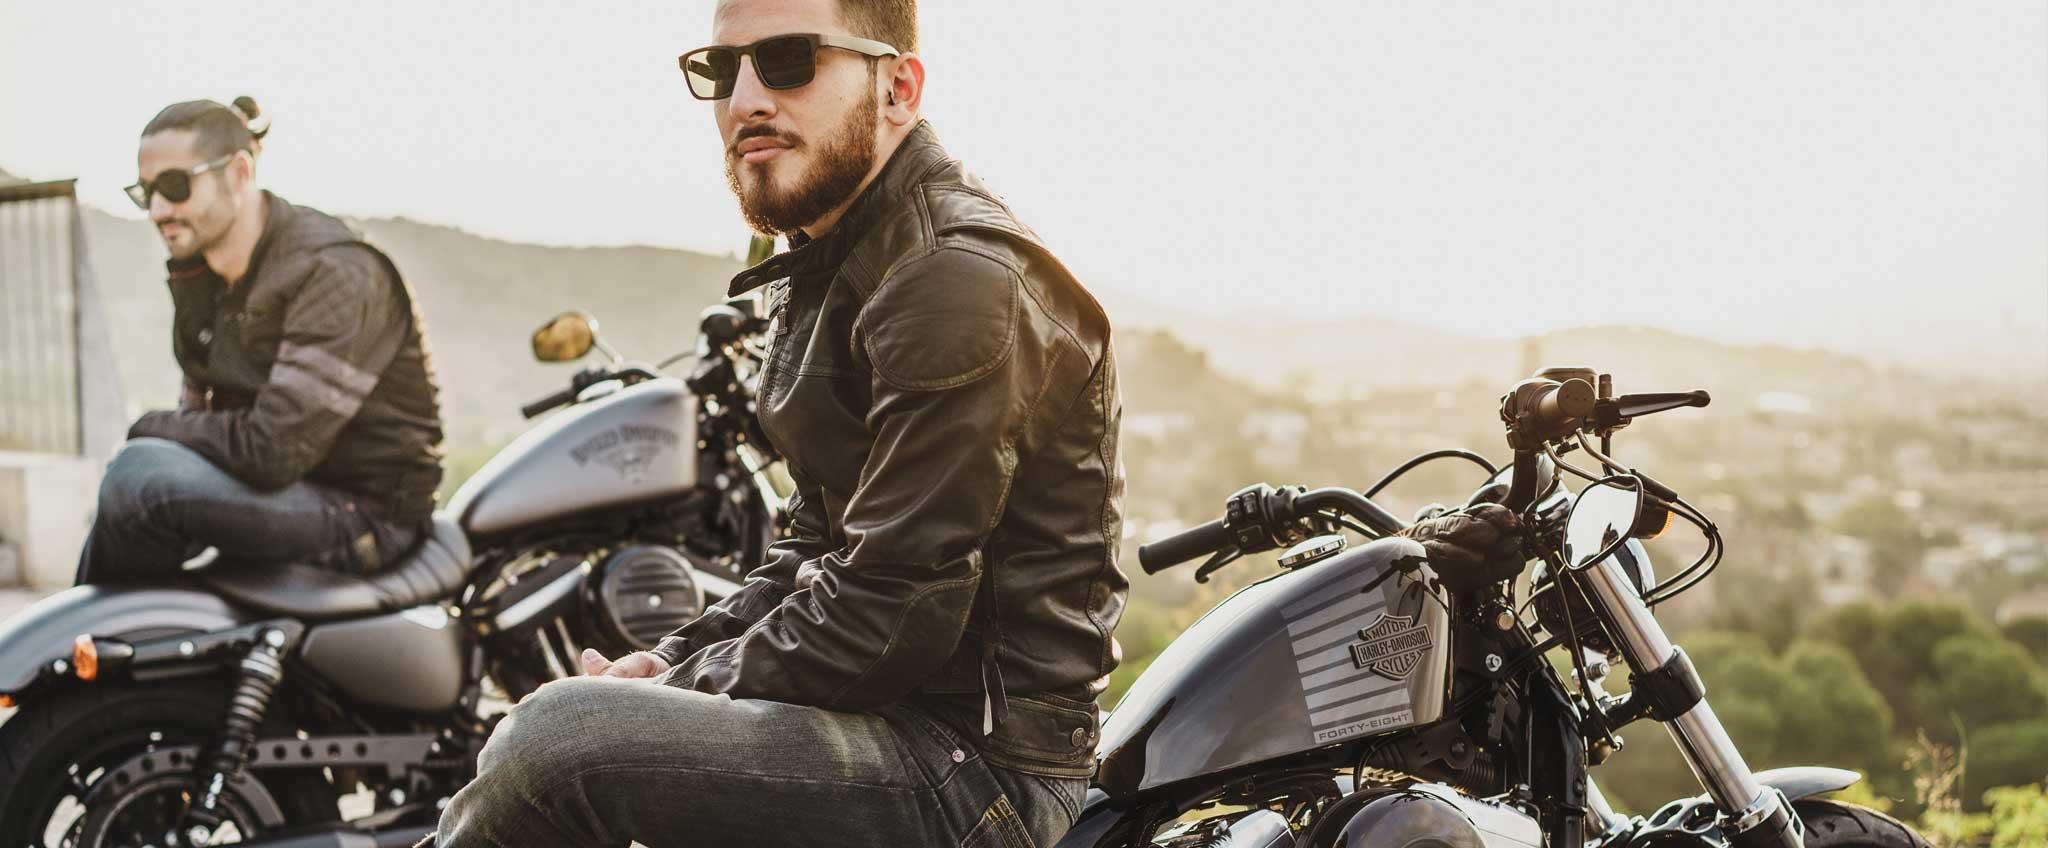 بهترین برندهای موتور سیکلت